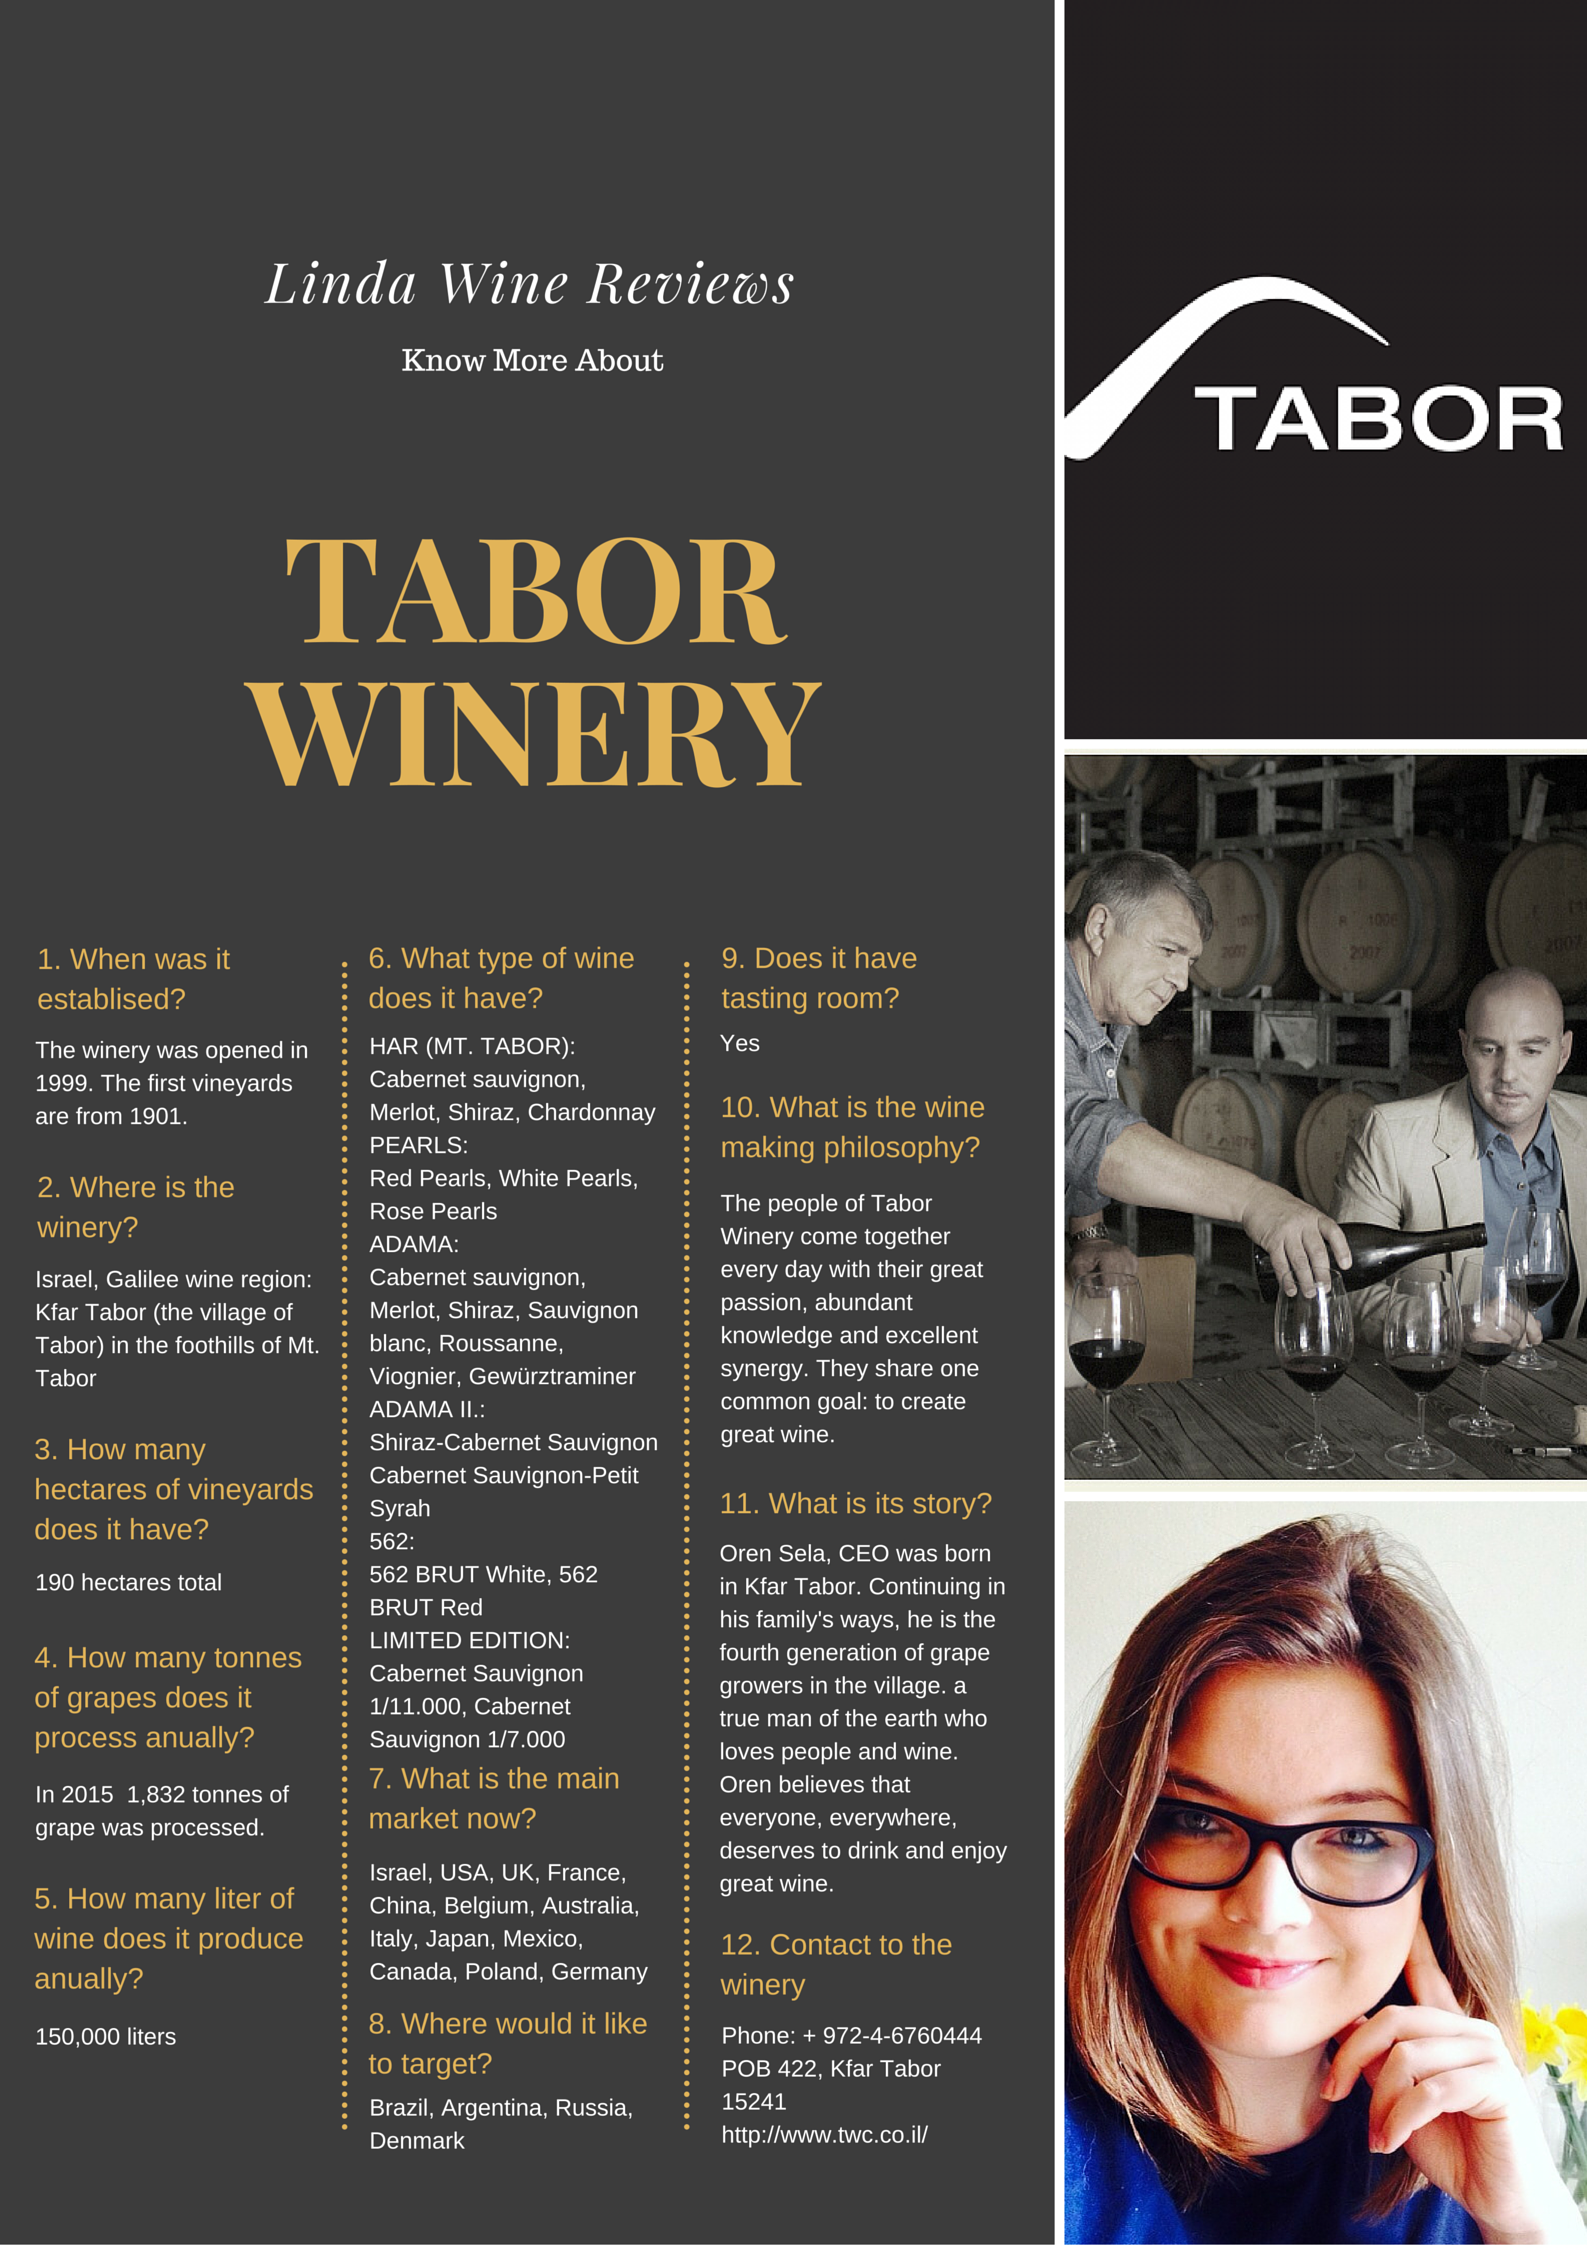 Tabor winery (1)